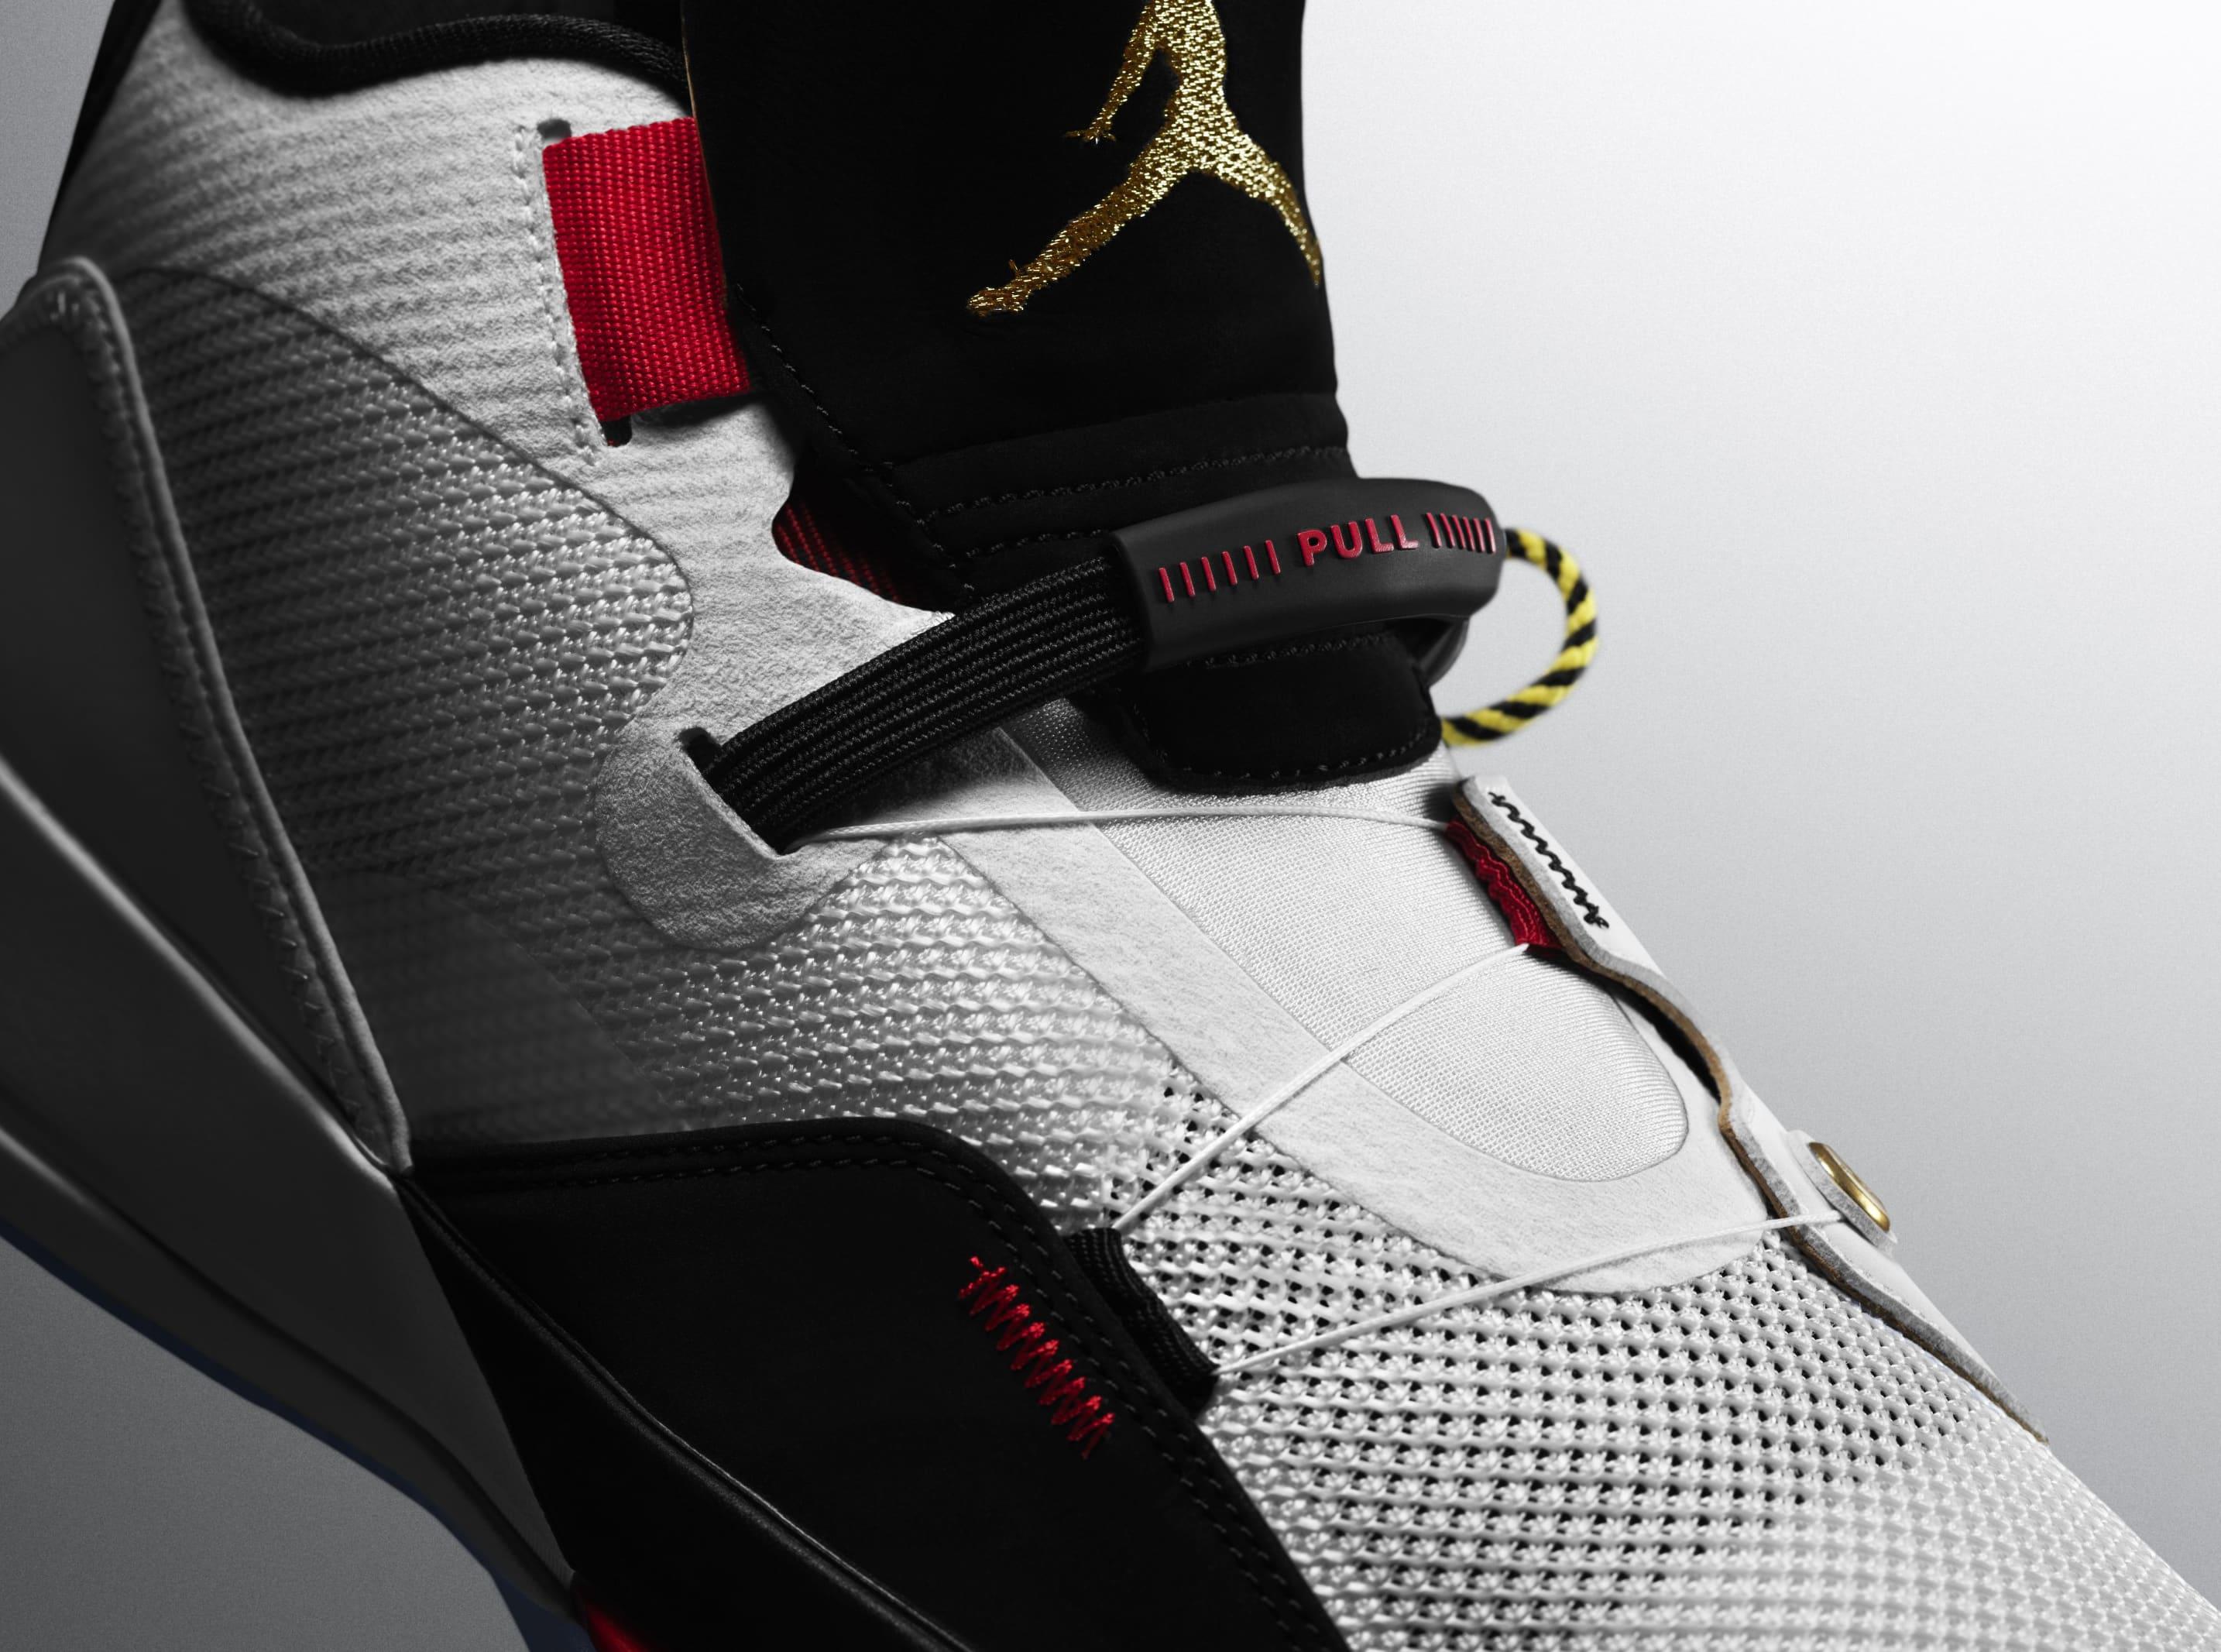 court comfort, Nike Air Jordan XXXIII